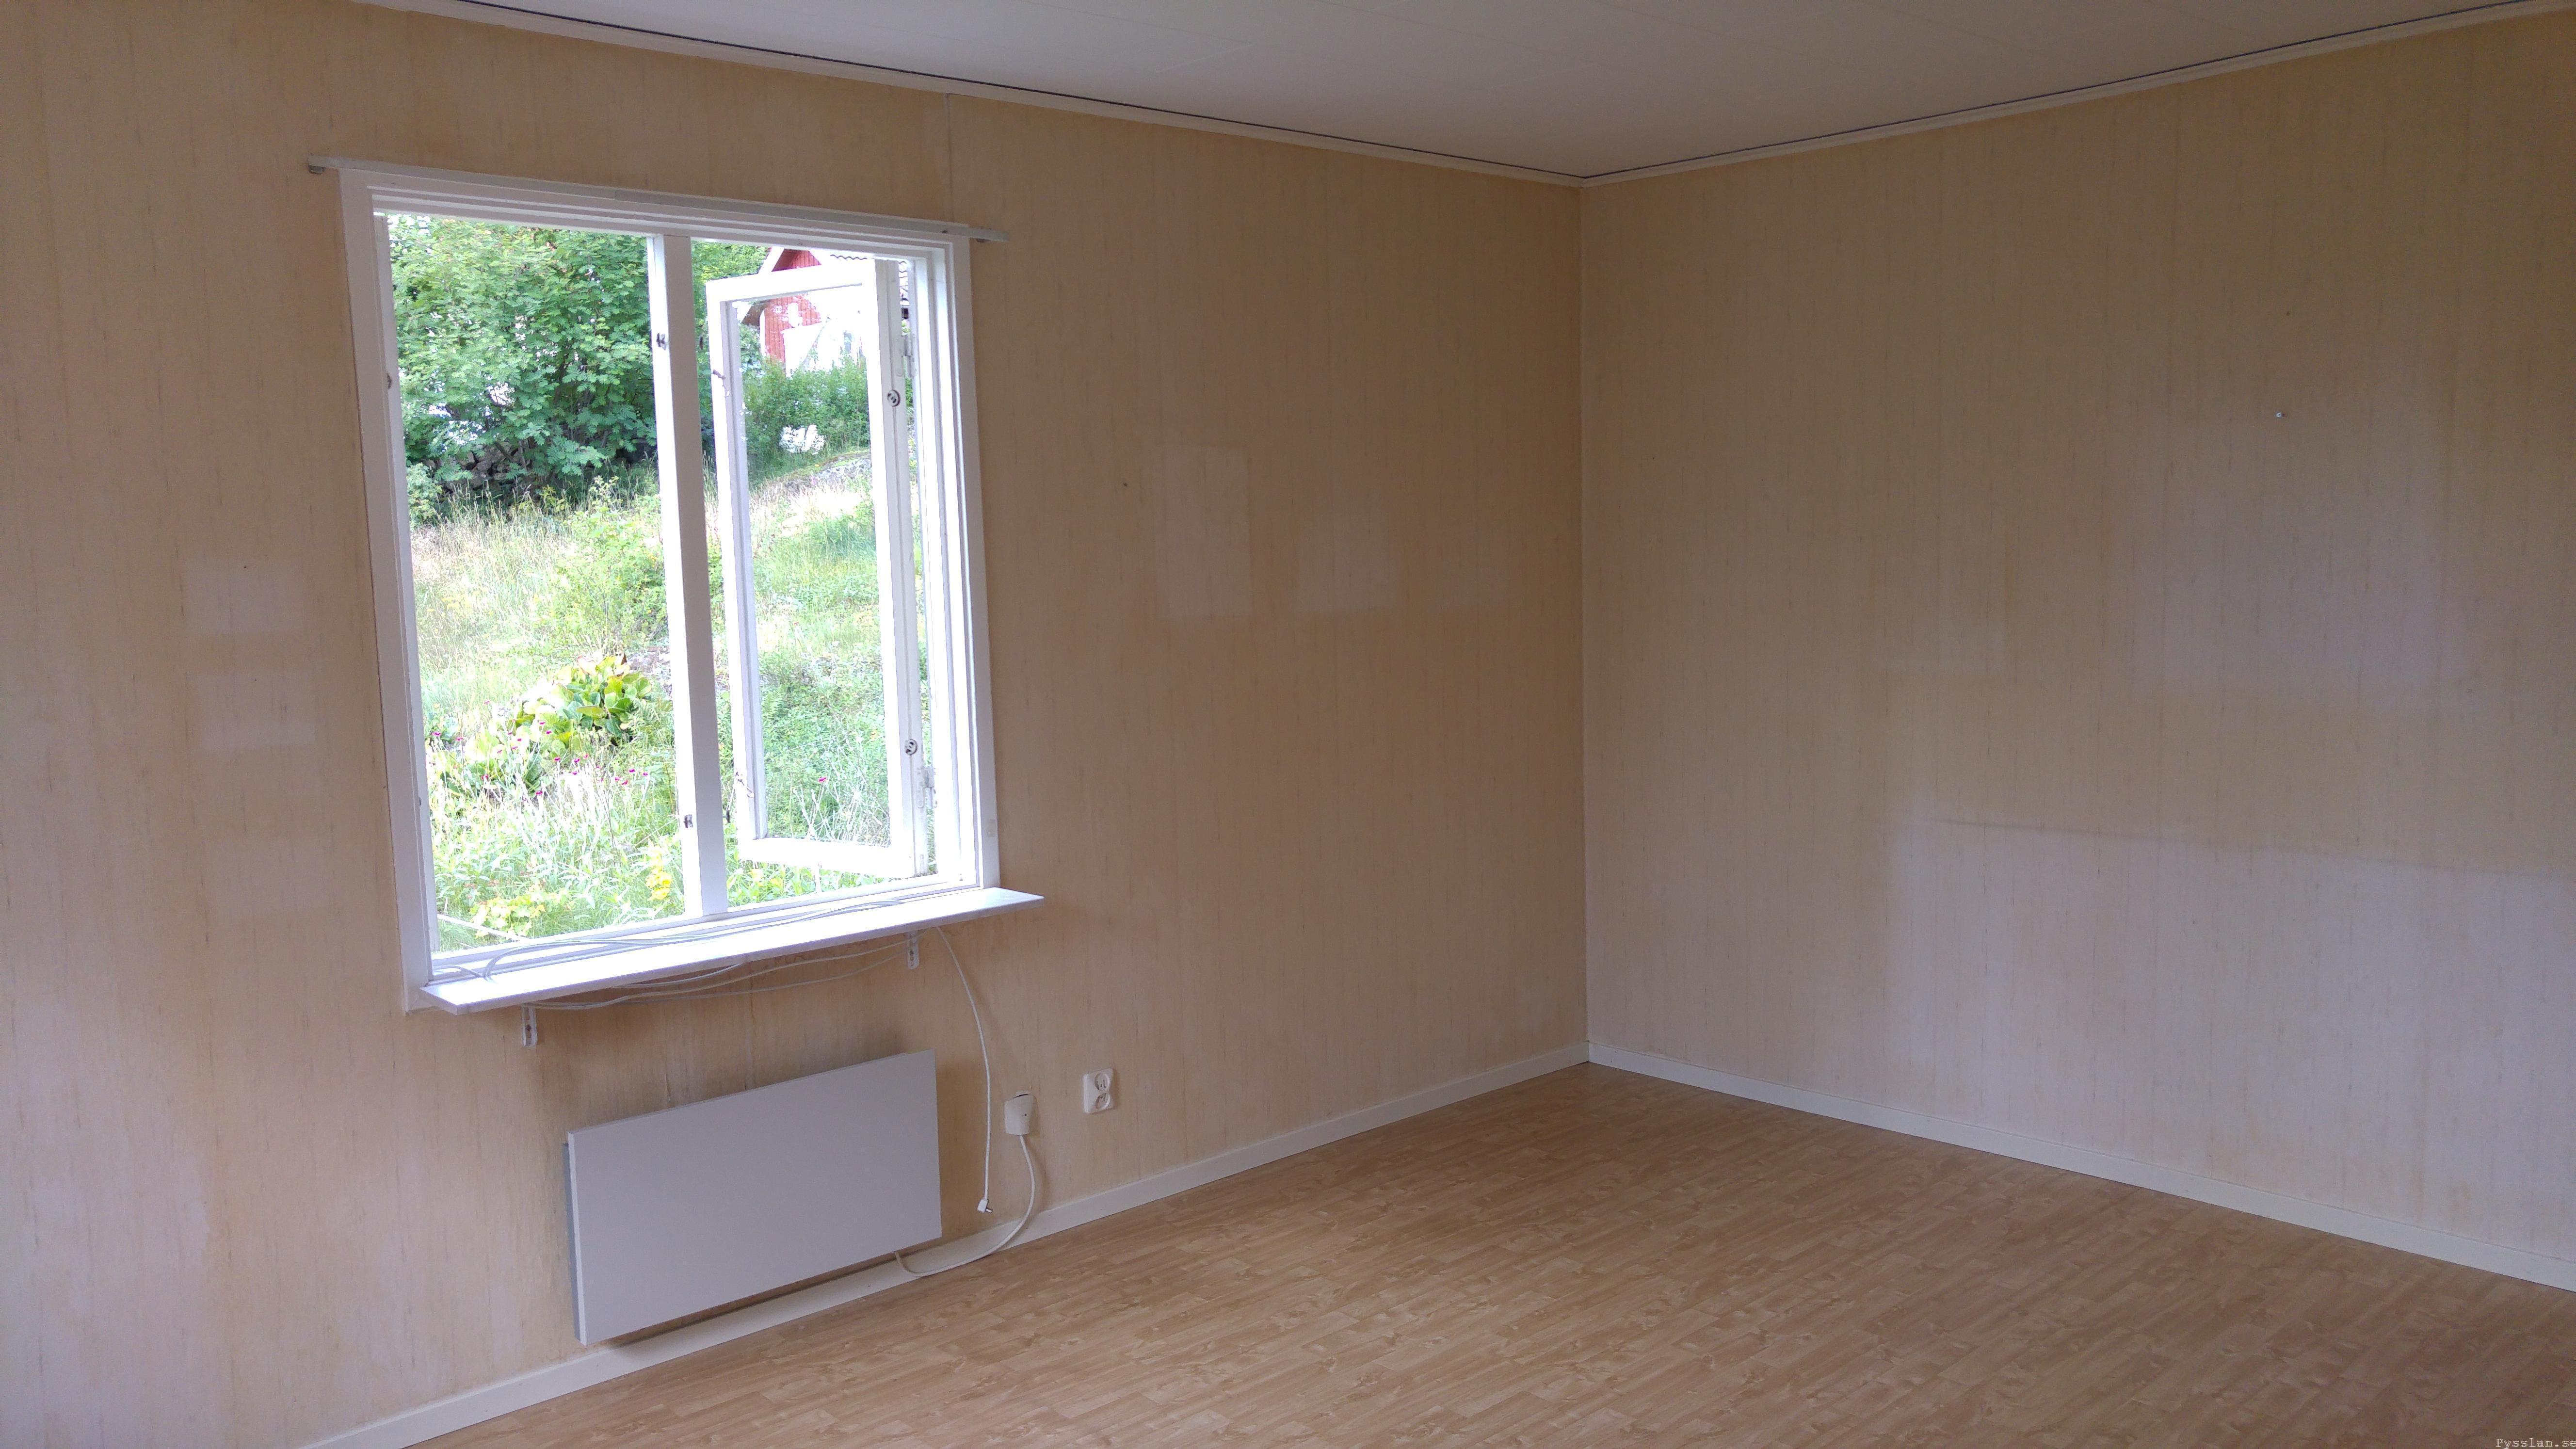 drömhus 20-talshus rött hus vita knutar renovering jugend husdröm pysslan blogg vardagsrum